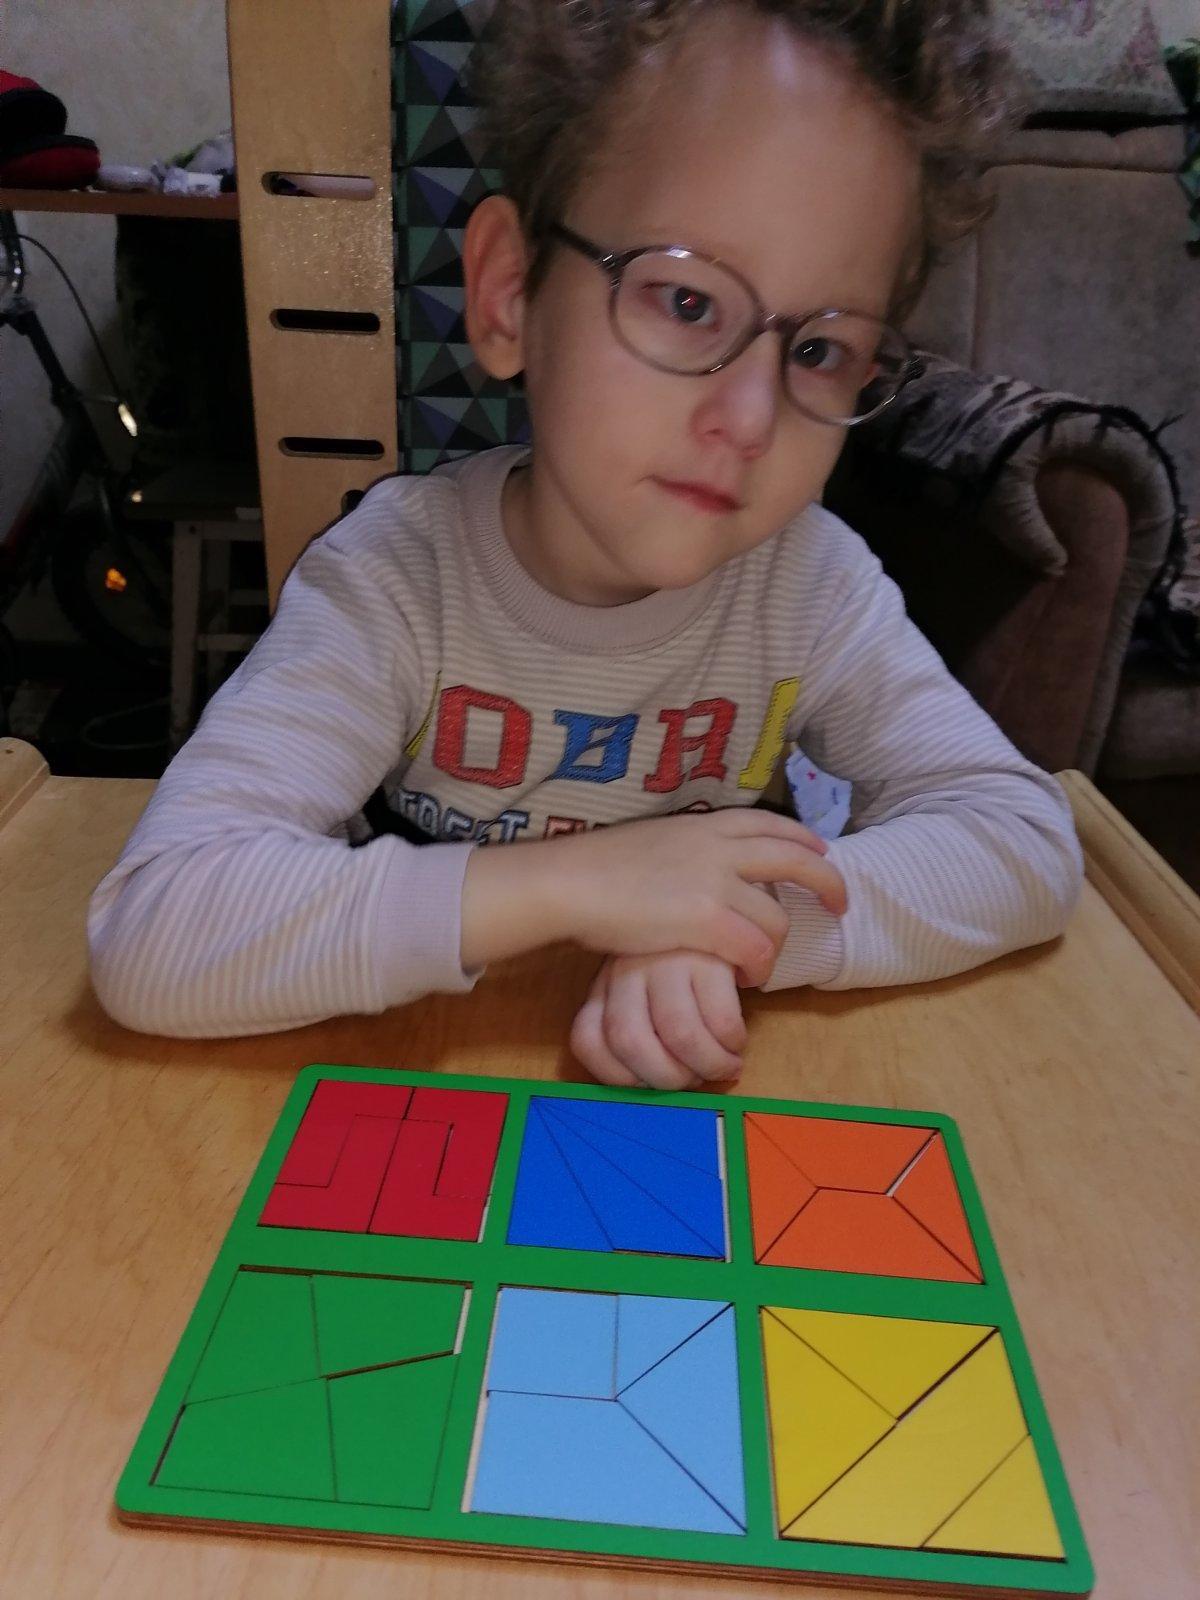 История Тёмы Крошка, мальчика, жизнь которого отстояли родители и спасли доктора, и которому сейчас нужна ваша помощь!